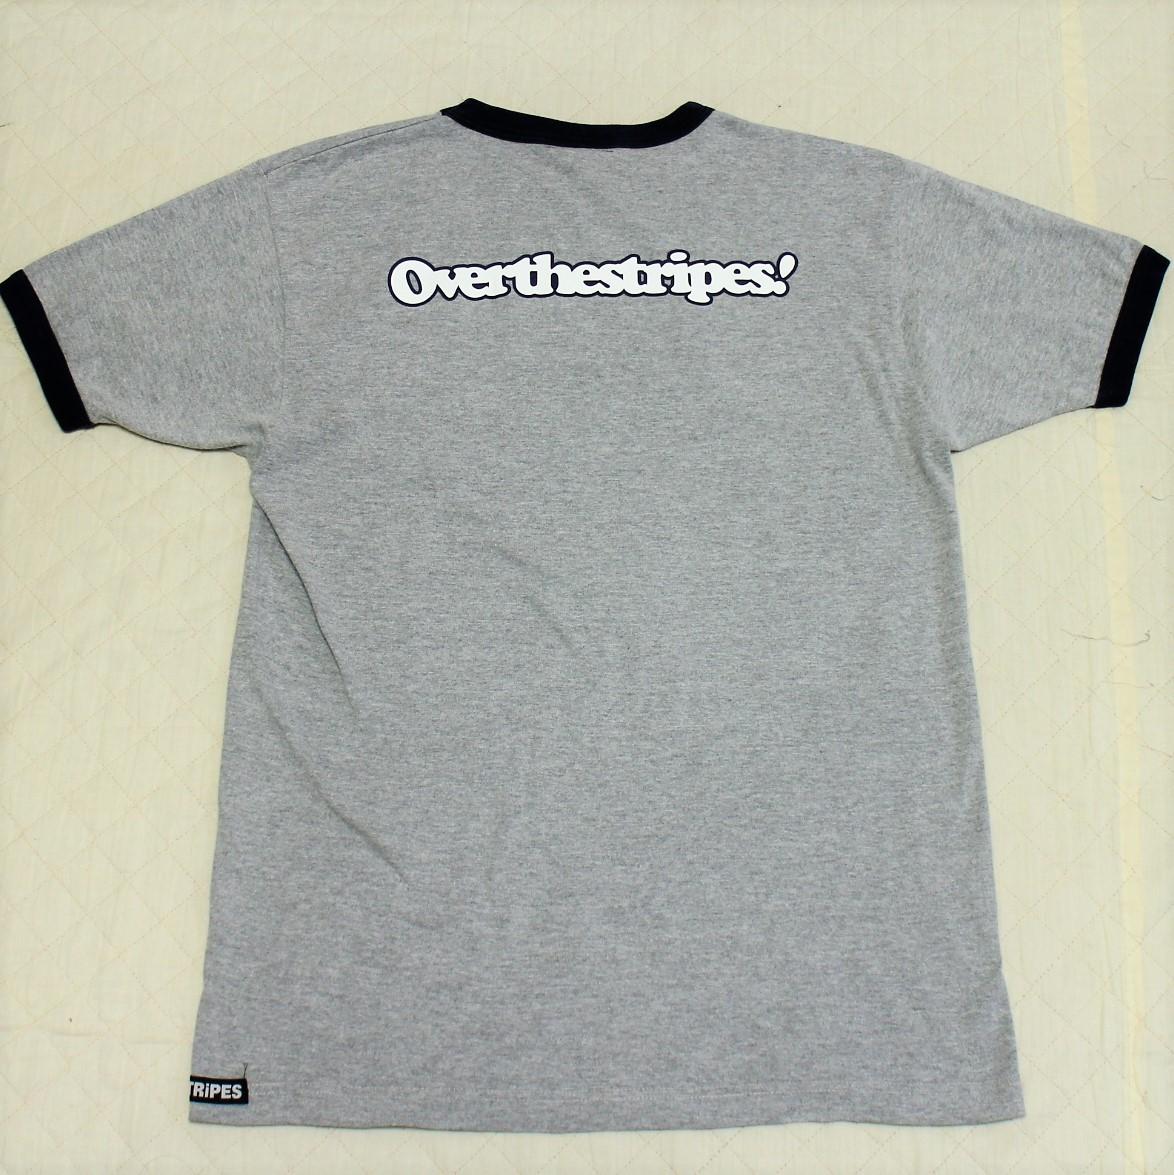 送料無料☆オーバーザストライプス メンズTシャツ GREMMiE☆グレー紺 Lサイズの